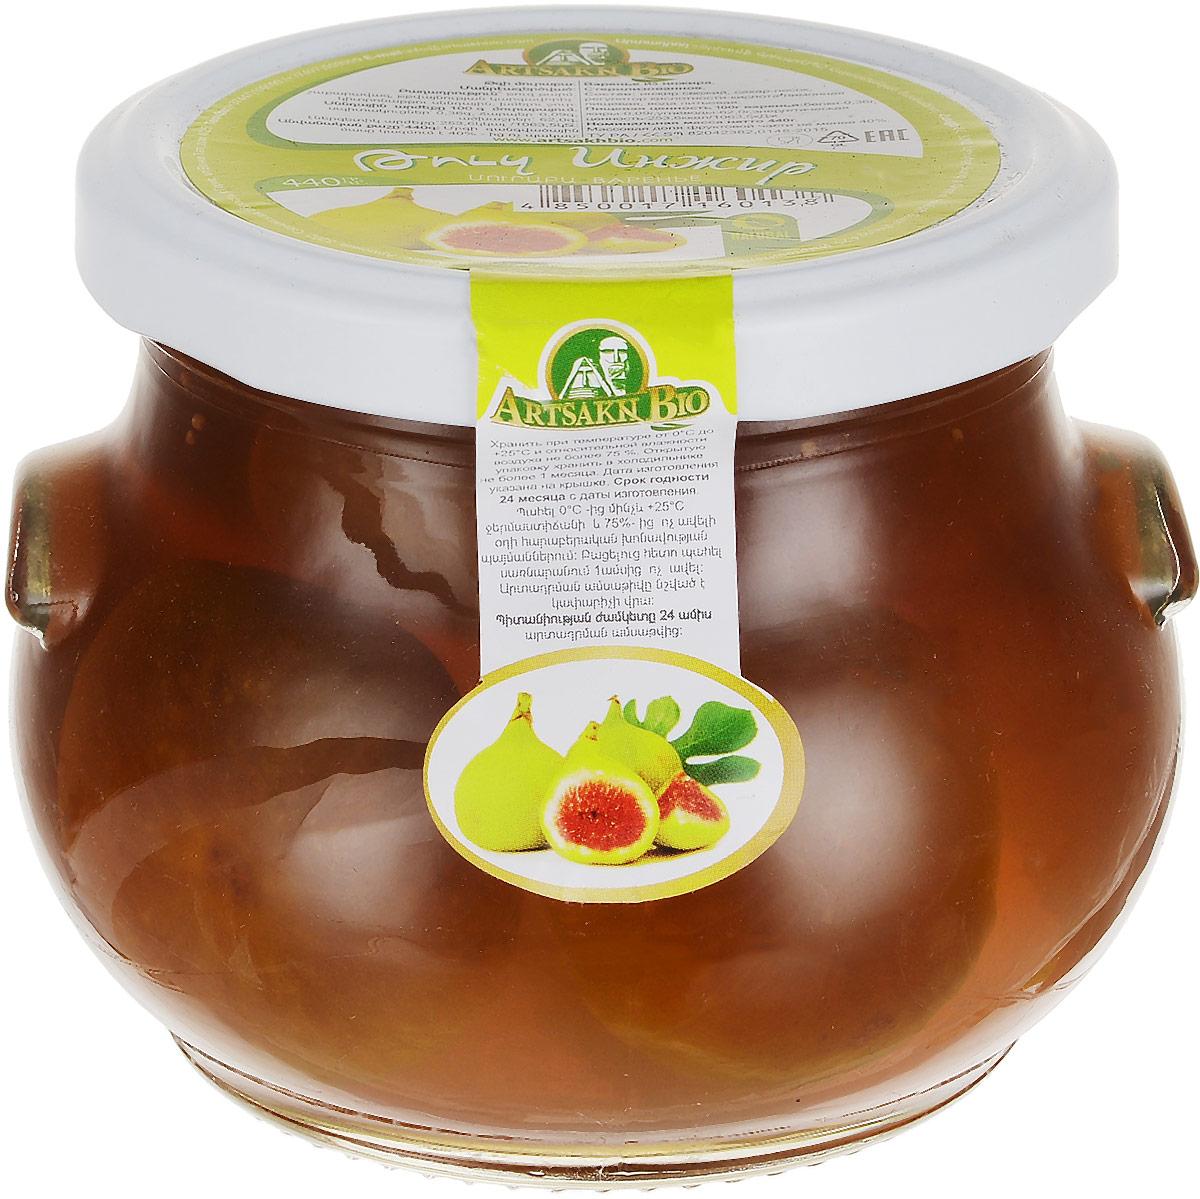 Artsakh Bio варенье из инжира, 440 г24401При производстве варенья Artsakh Bio используются фрукты, произрастающие исключительно на территории Армении и питающиеся ключевой водой горных источников. Обласканные горячим южным солнцем, они приобретают уникальный вкус и аромат, что и является одним из важных элементов качества варений Artsakh Bio.Продукт полностью производиться вручную, с использованием традиционных домашних рецептов армянской кухни.Варенье из инжира - это природная кладовая полезных веществ для организма человека. Соплодия инжира богаты аскорбиновой кислотой, витаминами группы B, минеральными веществами, сахарами, фосфором, калием, кальцием, железом, натрием и клетчаткой. Причем, что касается минеральных веществ, инжир можно смело назвать чемпионом среди фруктов по их содержанию.Уважаемые клиенты! Обращаем ваше внимание, что полный перечень состава продукта представлен на дополнительном изображении.